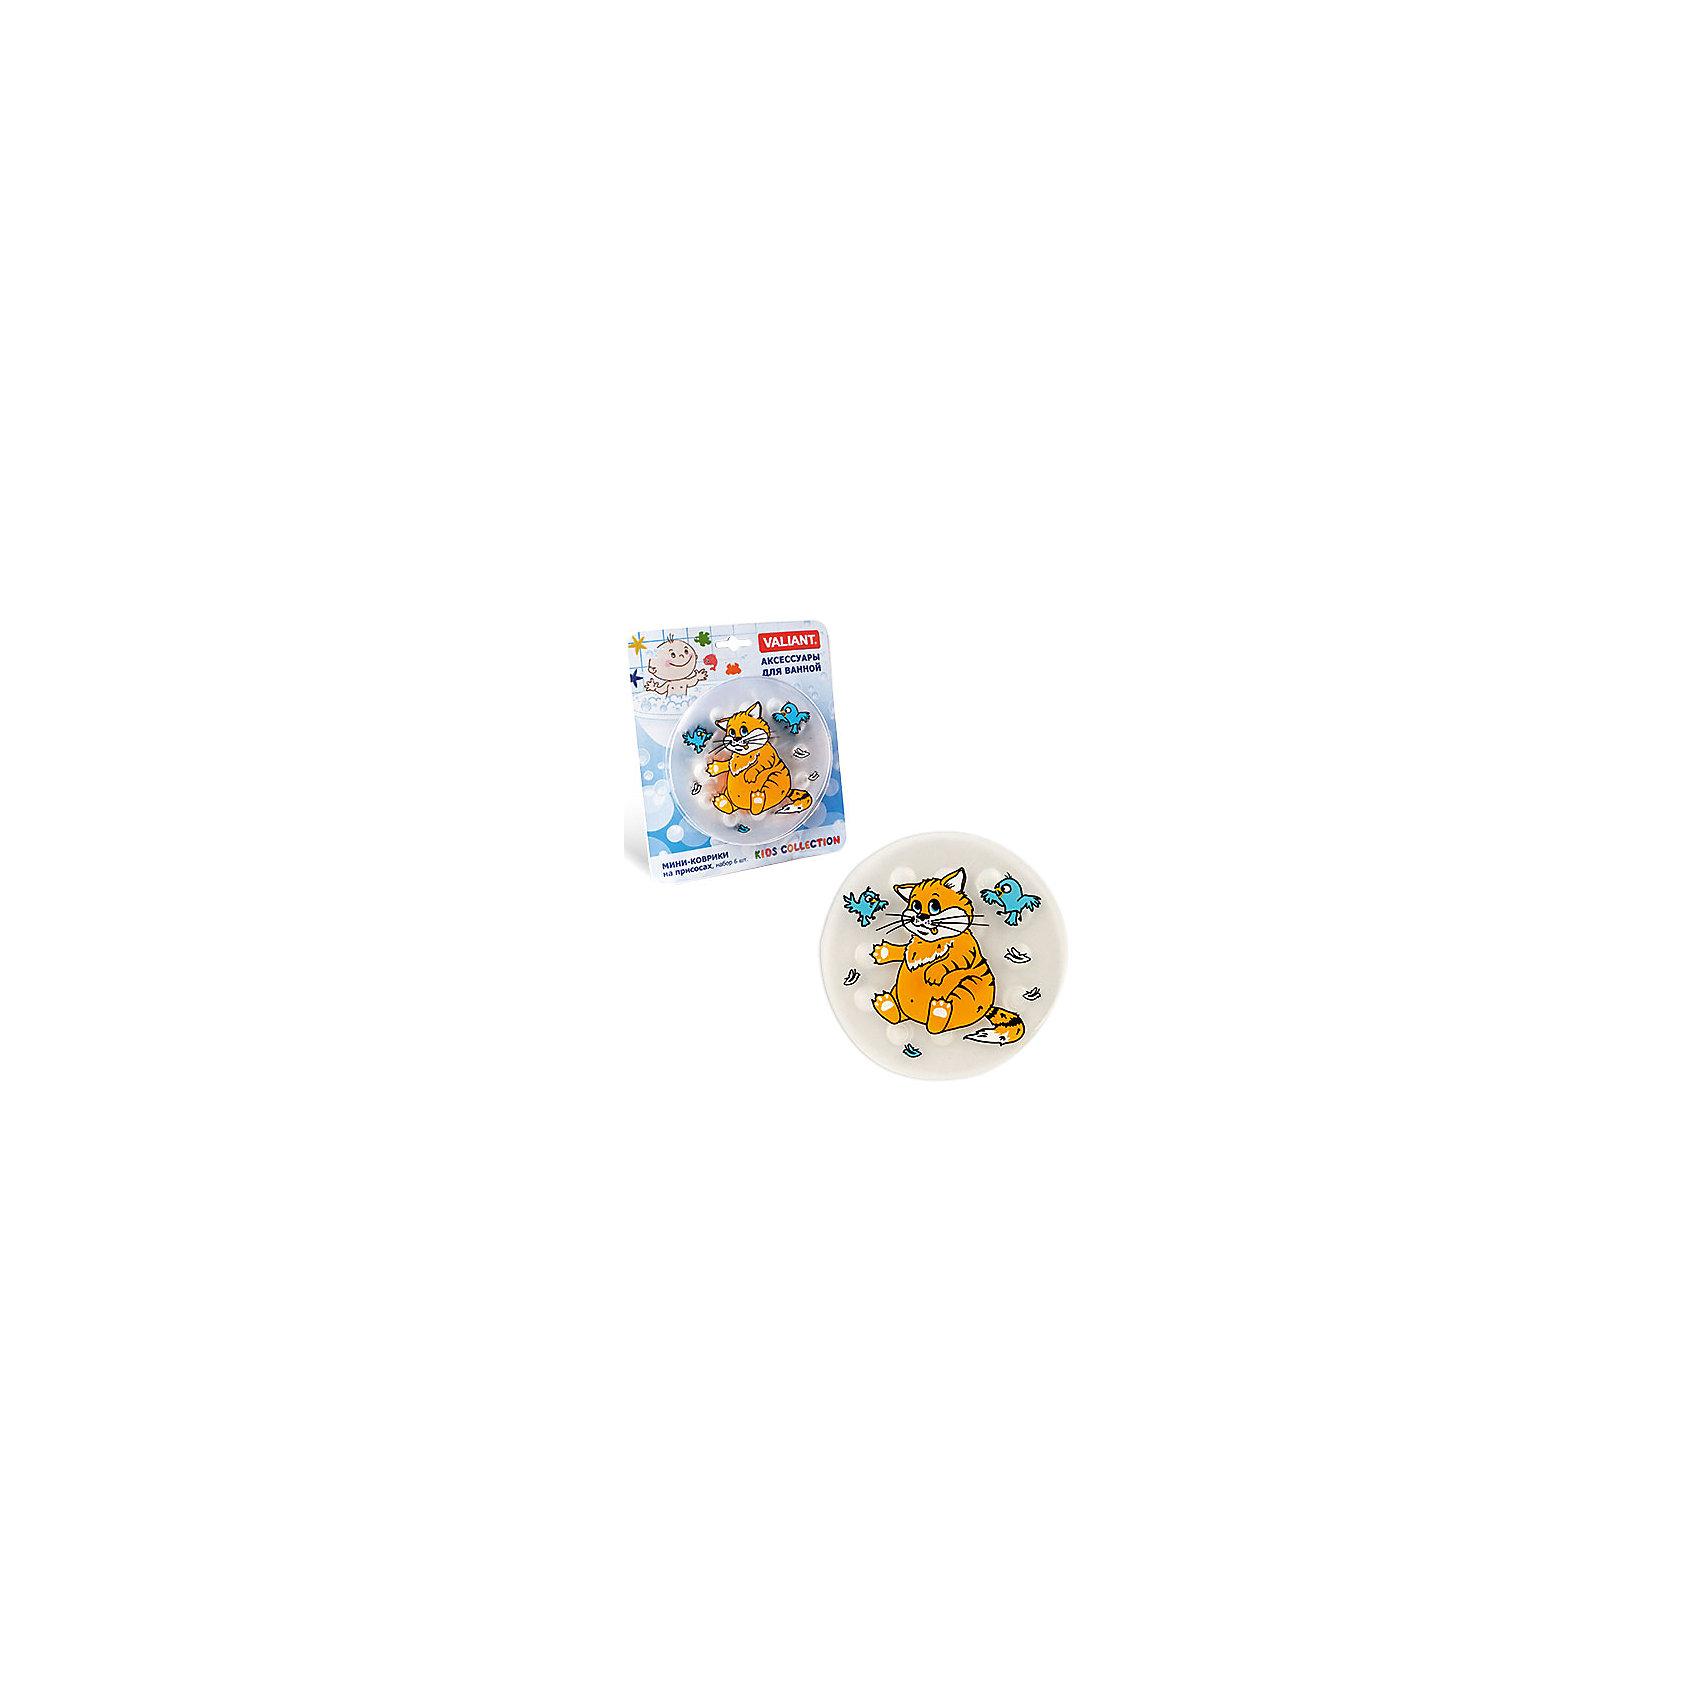 Набор ковриков Котик на присосках (6 шт)Ванная комната<br>Мини-коврики для ванной комнаты - это яркое дополнение к купанию малыша. Это и игра и развитие моторики и изучение зверушек. <br>Колоссальный и постоянно растущий спрос на них обусловлен реакцией малышей и их мам на данное изобретение по всему миру.<br>Мини-коврики снабжены присосками и превосходно клеятся на влажный кафель.<br><br>Ширина мм: 170<br>Глубина мм: 35<br>Высота мм: 200<br>Вес г: 217<br>Возраст от месяцев: -2147483648<br>Возраст до месяцев: 2147483647<br>Пол: Унисекс<br>Возраст: Детский<br>SKU: 4563343